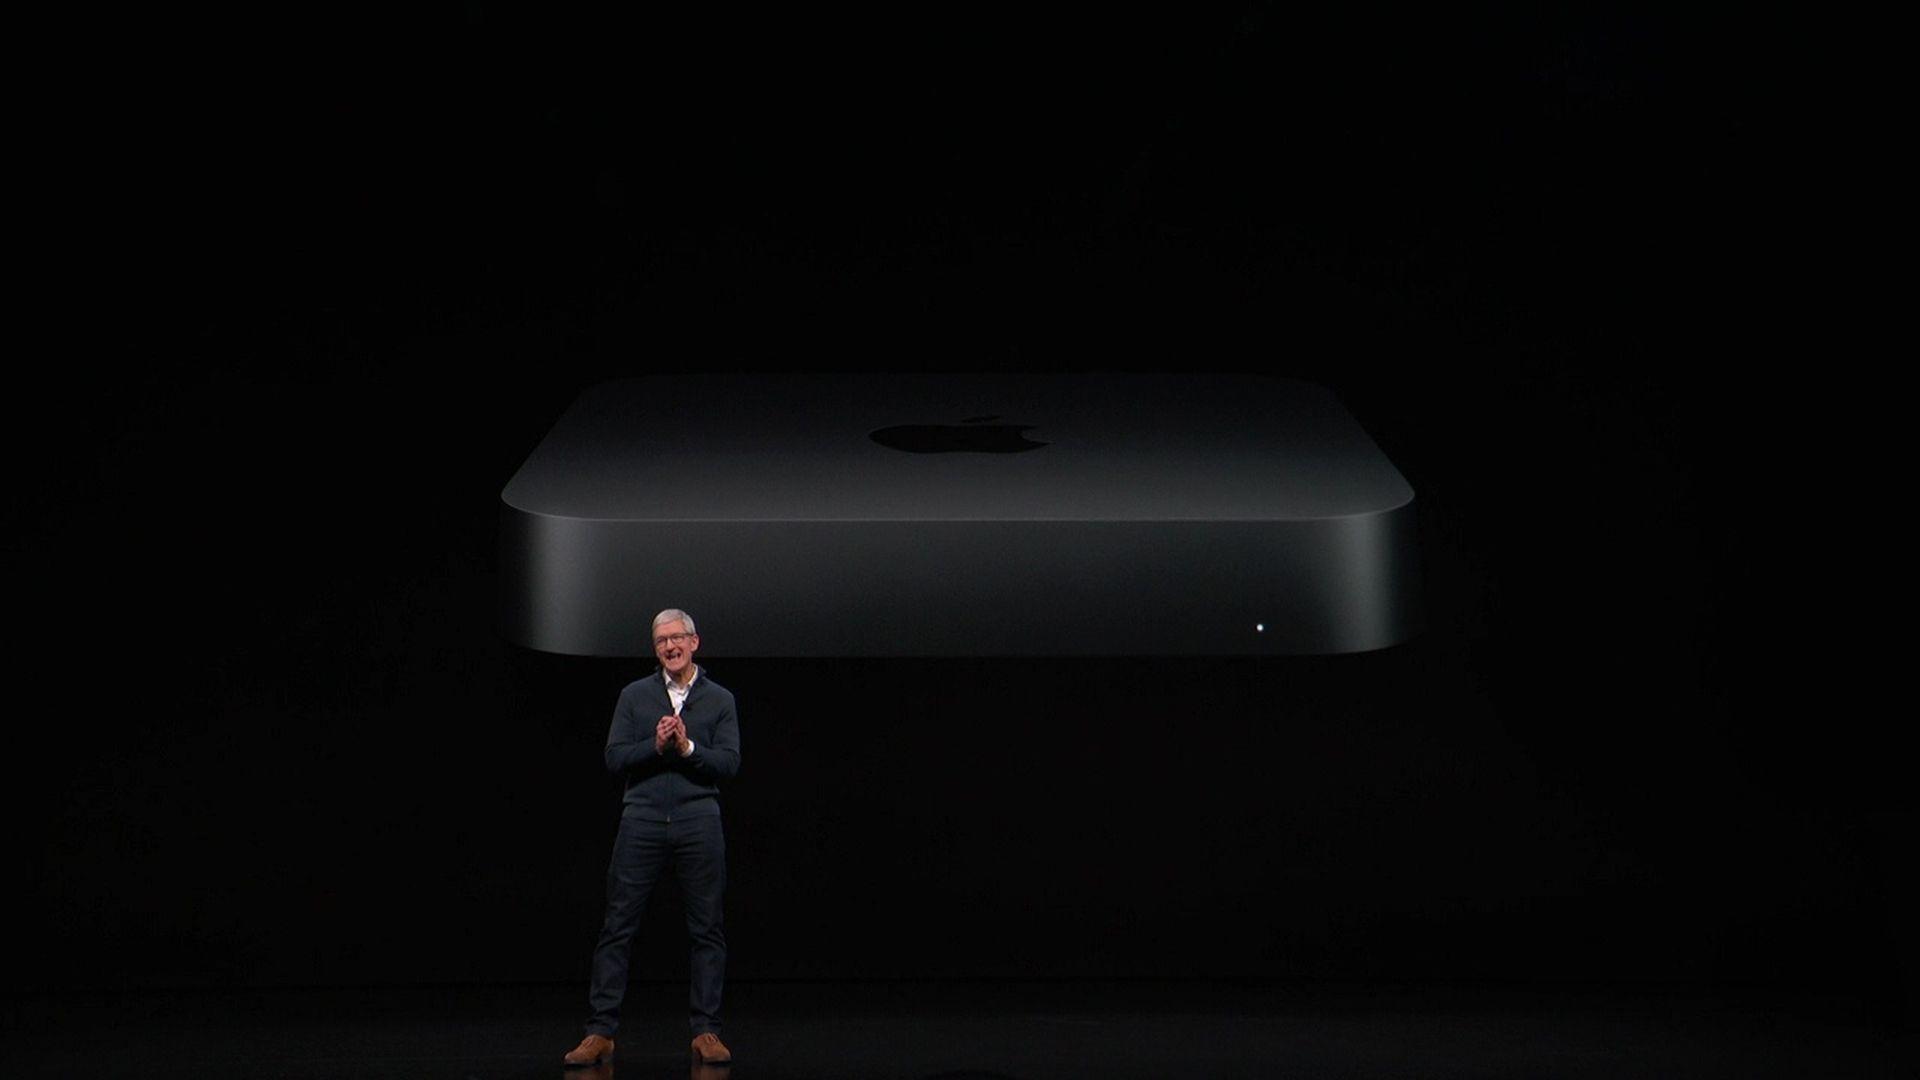 Apple pokazało na konferencji odświeżoną wersję Maca mini